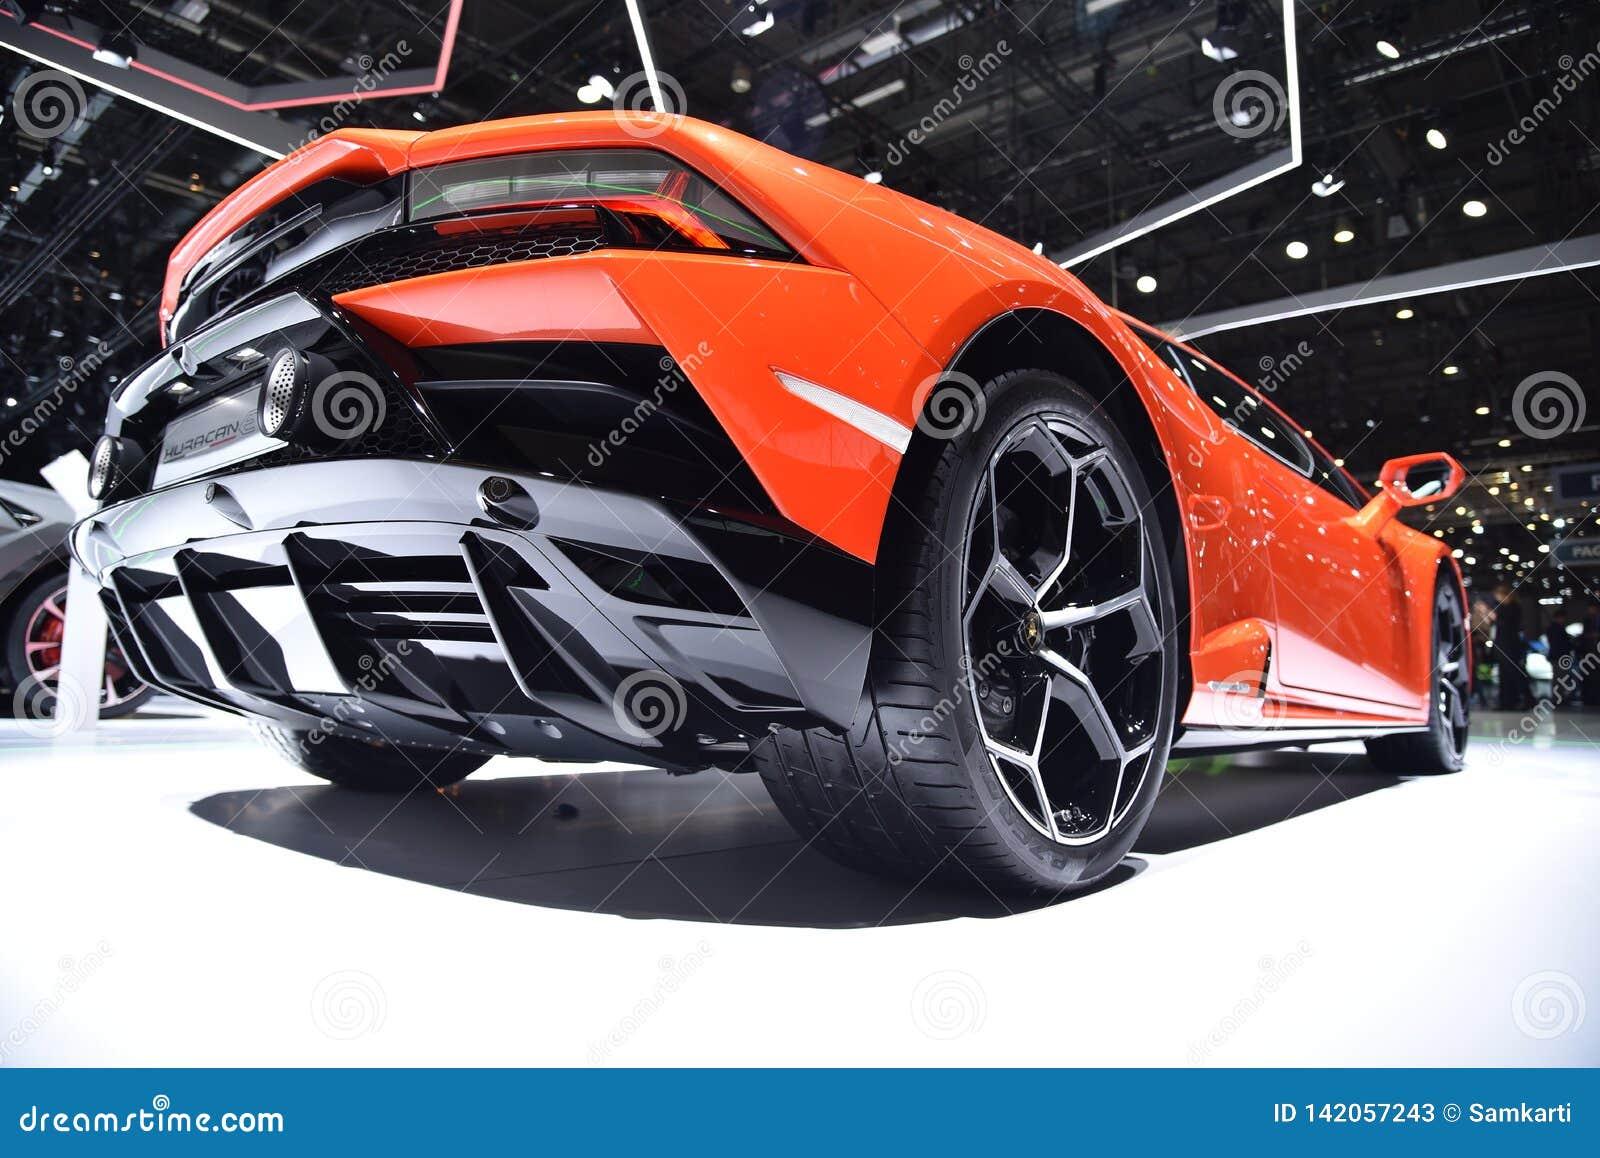 Γενεύη, Ελβετία - 5 Μαρτίου 2019: Αυτοκίνητο Huracan EVO Lamborghini που επιδεικνύεται στη διεθνή έκθεση αυτοκινήτου της 89ης Γεν